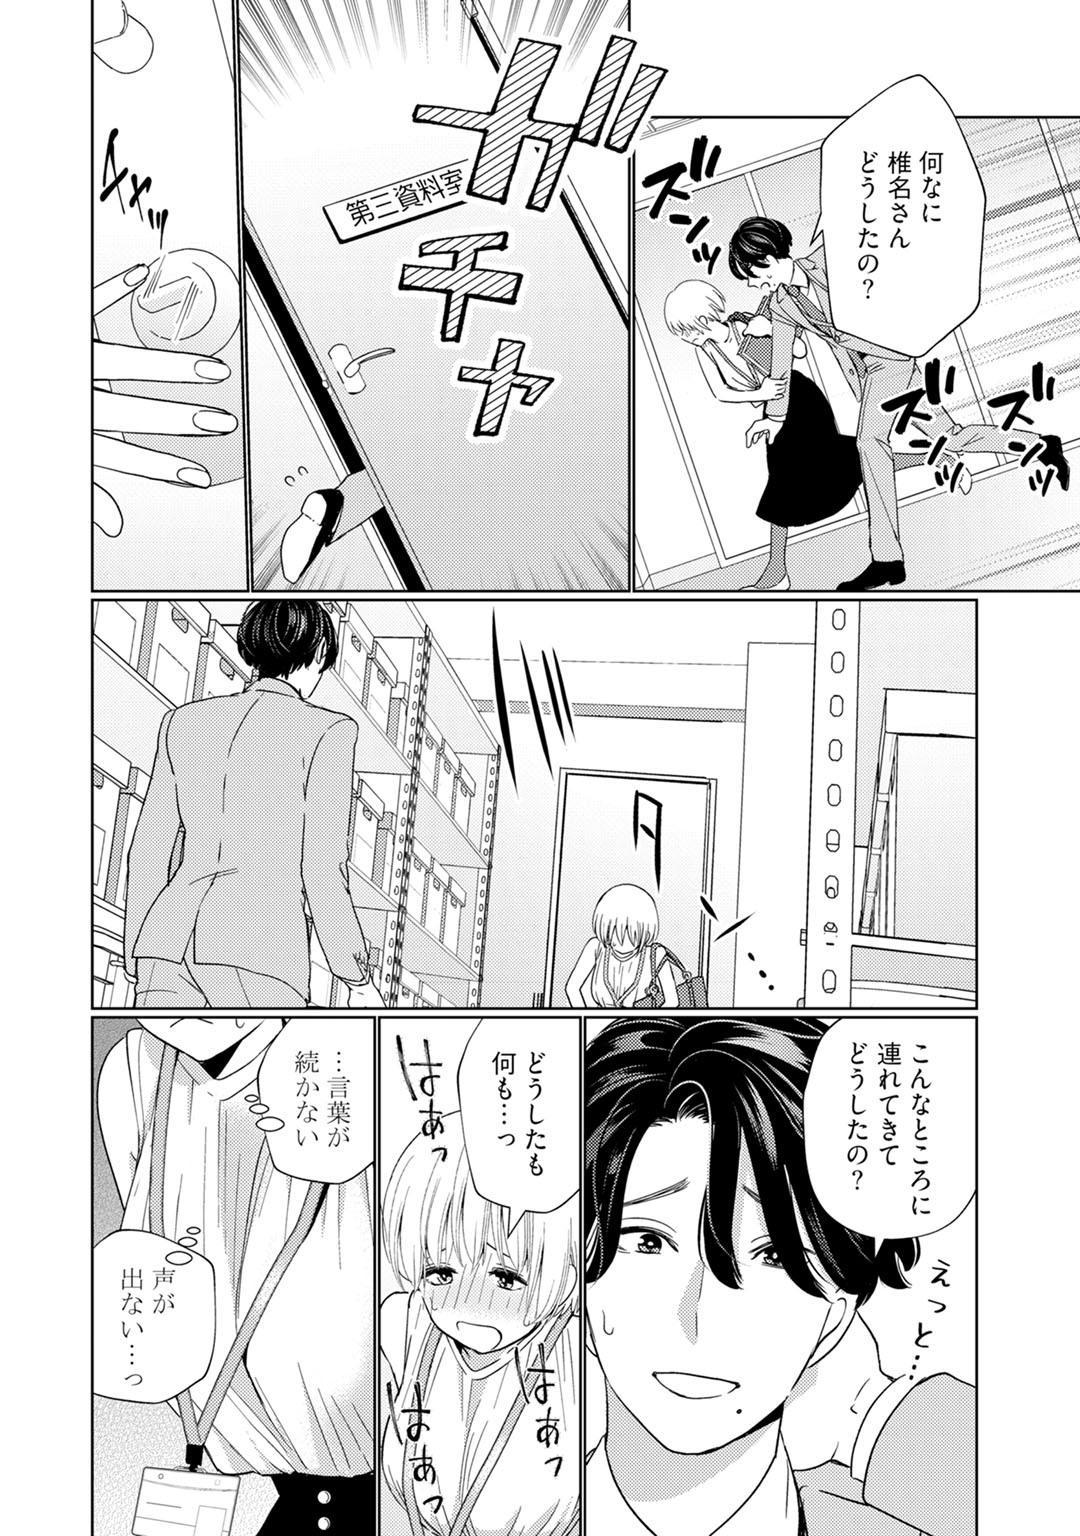 [Okonogi Happa] Kyonyuu-chan to Kyokon Joushi -Kaisha de Musabori Sex- act. 2 15